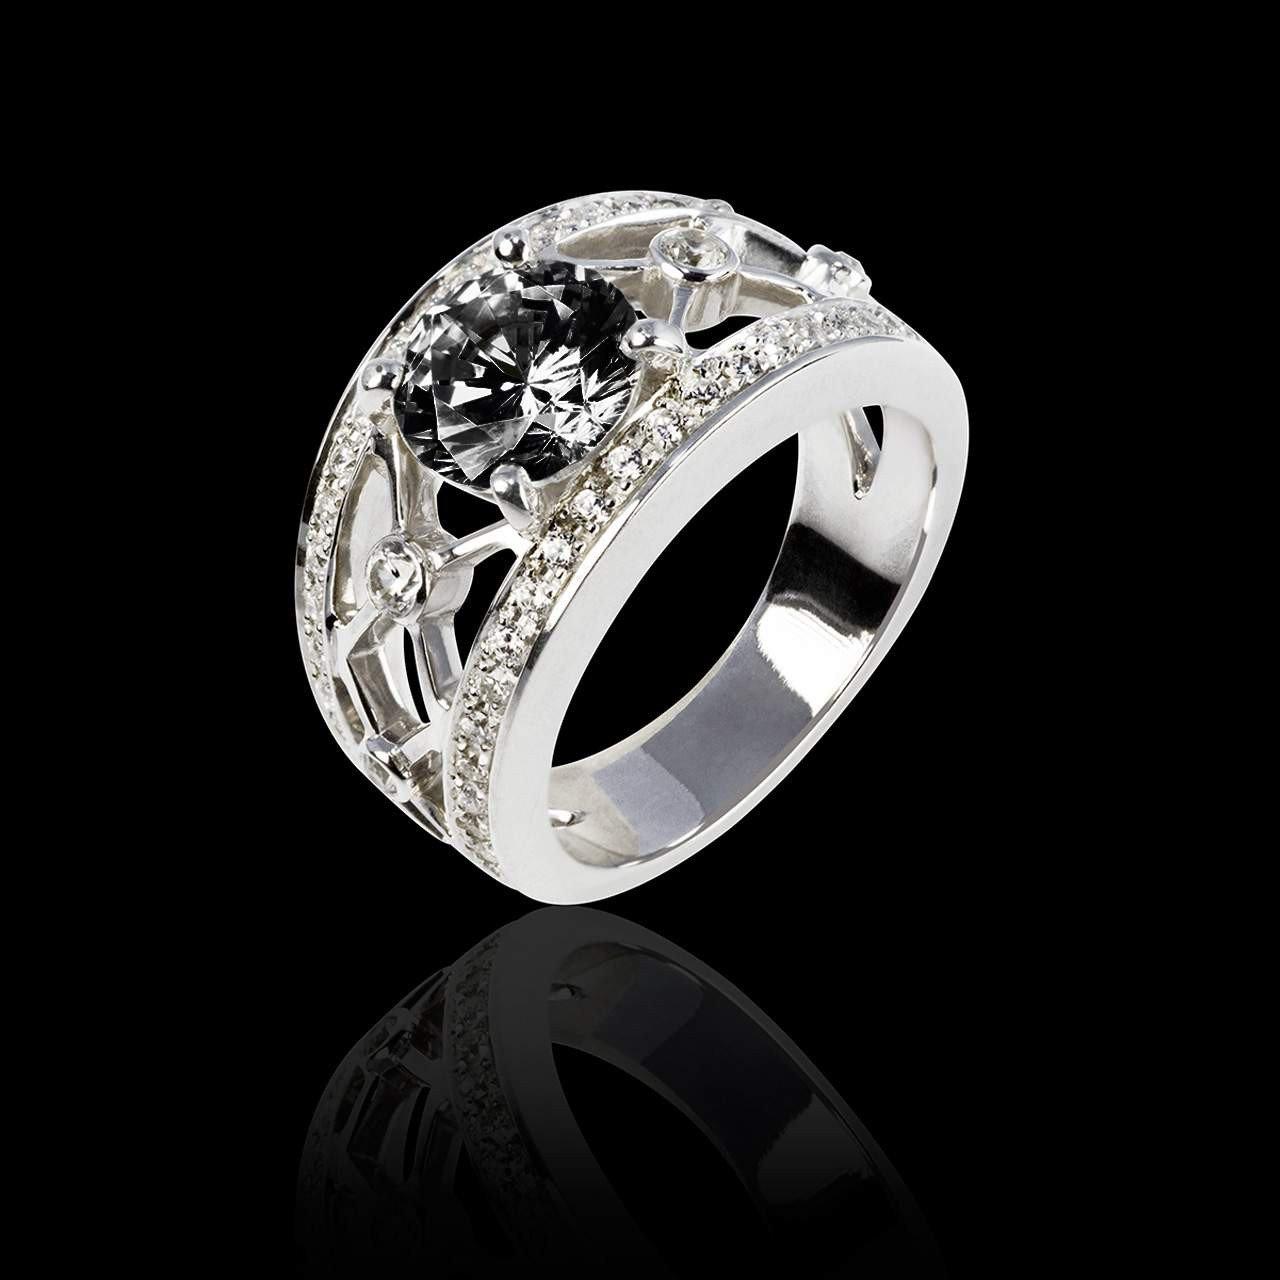 Très bien Extreme Bague diamant forme rond Régina Suprema - Maison Jaubalet PD89